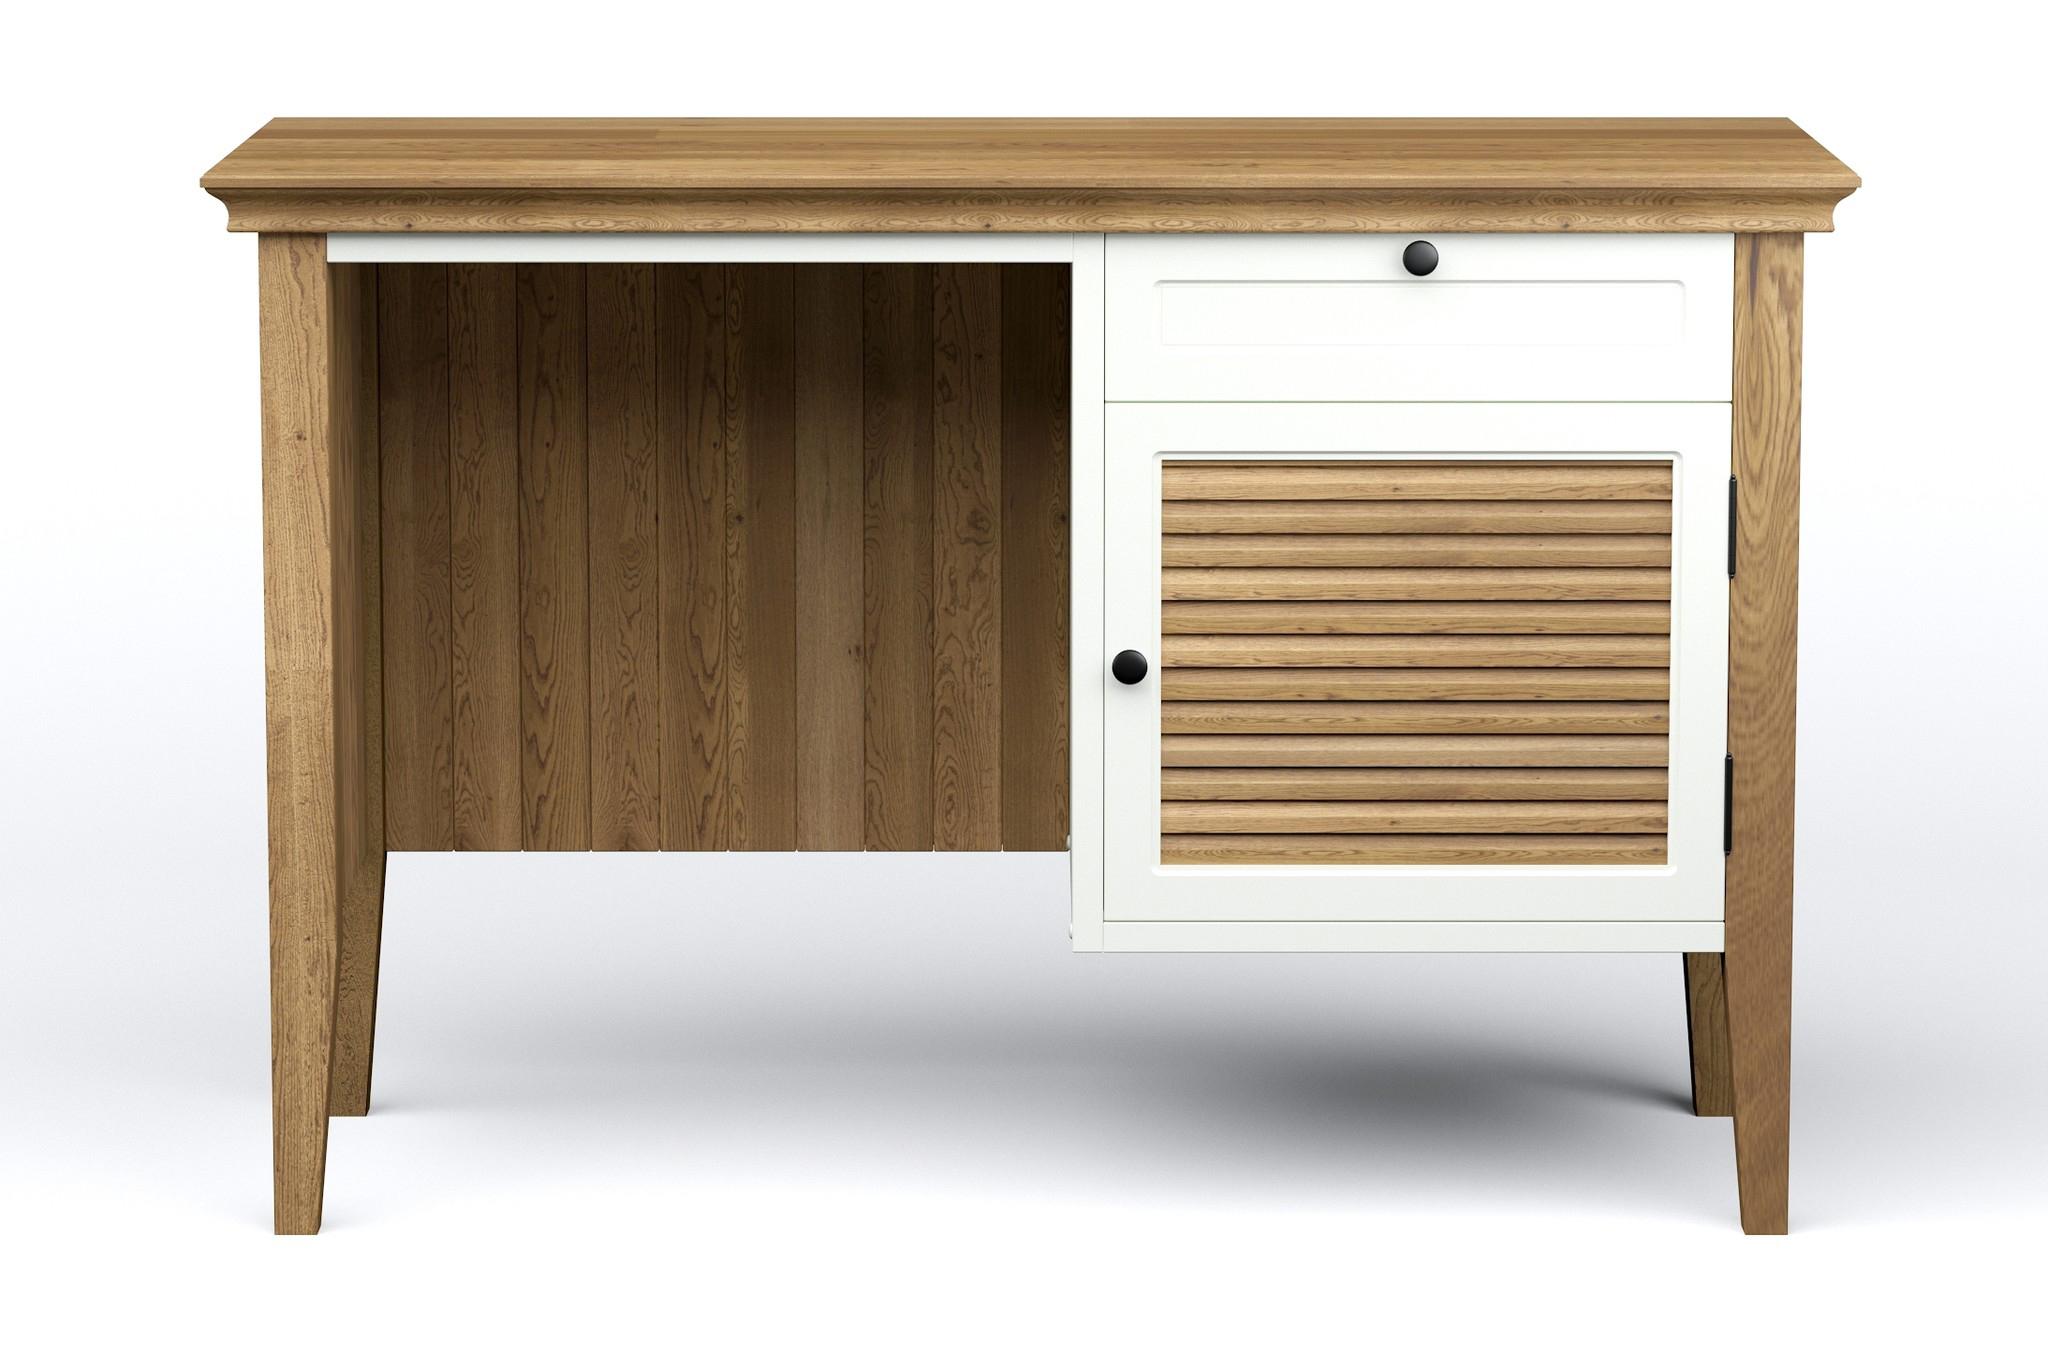 Письменный стол Ranch MidiПисьменные столы<br>Письменный стол &amp;quot;Ranch Midi&amp;quot; является ярким представителем коллекции &amp;quot;Ranch&amp;quot; с ее фирменными фасадами и текстурой натурального дуба. Мы специально немного уменьшили размеры стола, чтобы он мог найти себе достойное место в том числе в габаритах небольших квартир. Изменение размера и цвета возможно по пожеланиям заказчика. Сборка не требуется.<br><br>Material: Дуб<br>Ширина см: 105<br>Высота см: 70<br>Глубина см: 45